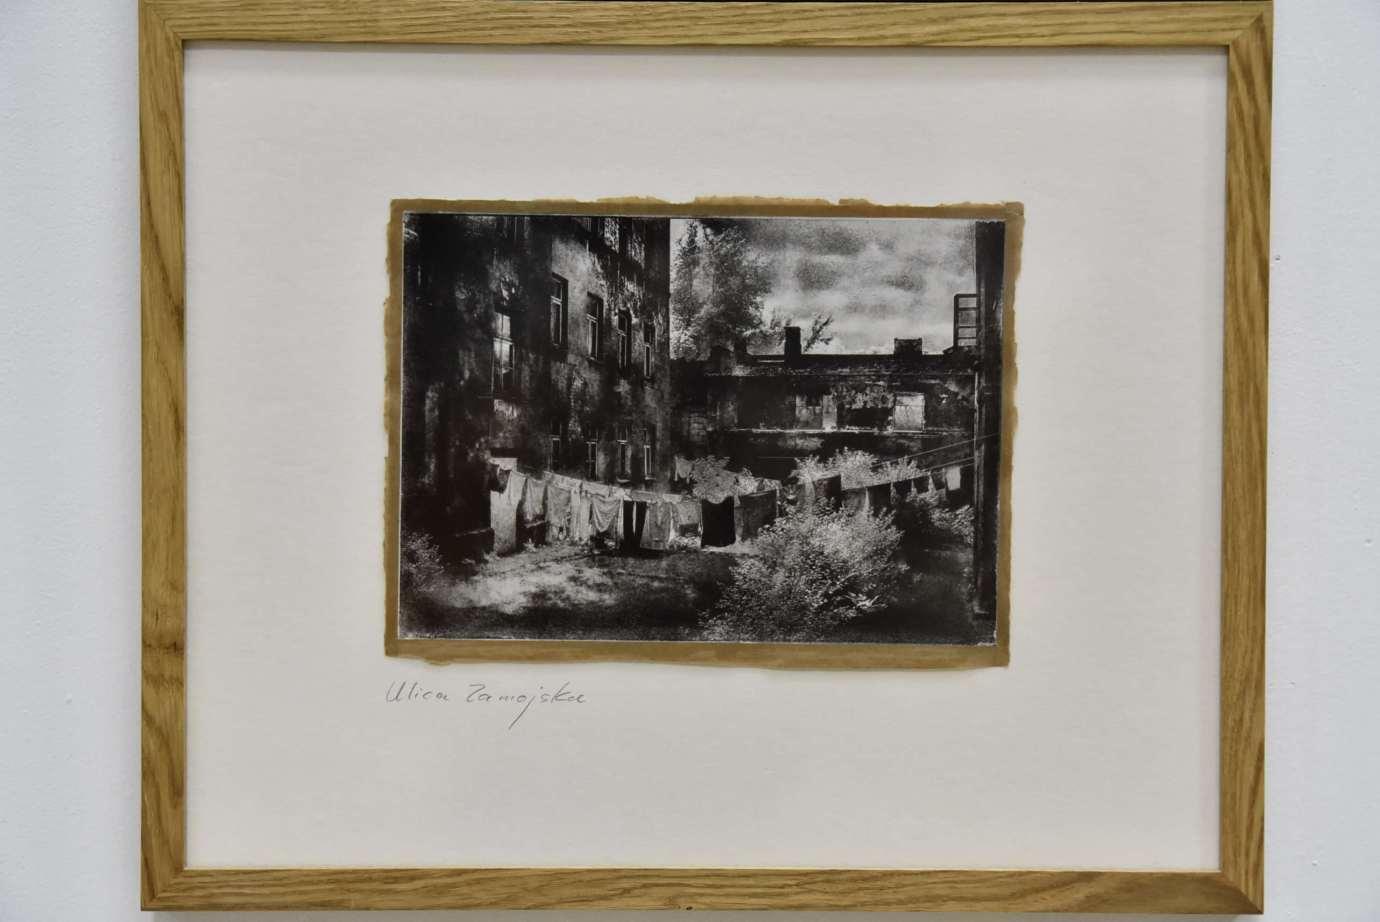 dsc 2571 Wystawa 66 limitowanych fotografii do zobaczenia w ZDK (zdjęcia)